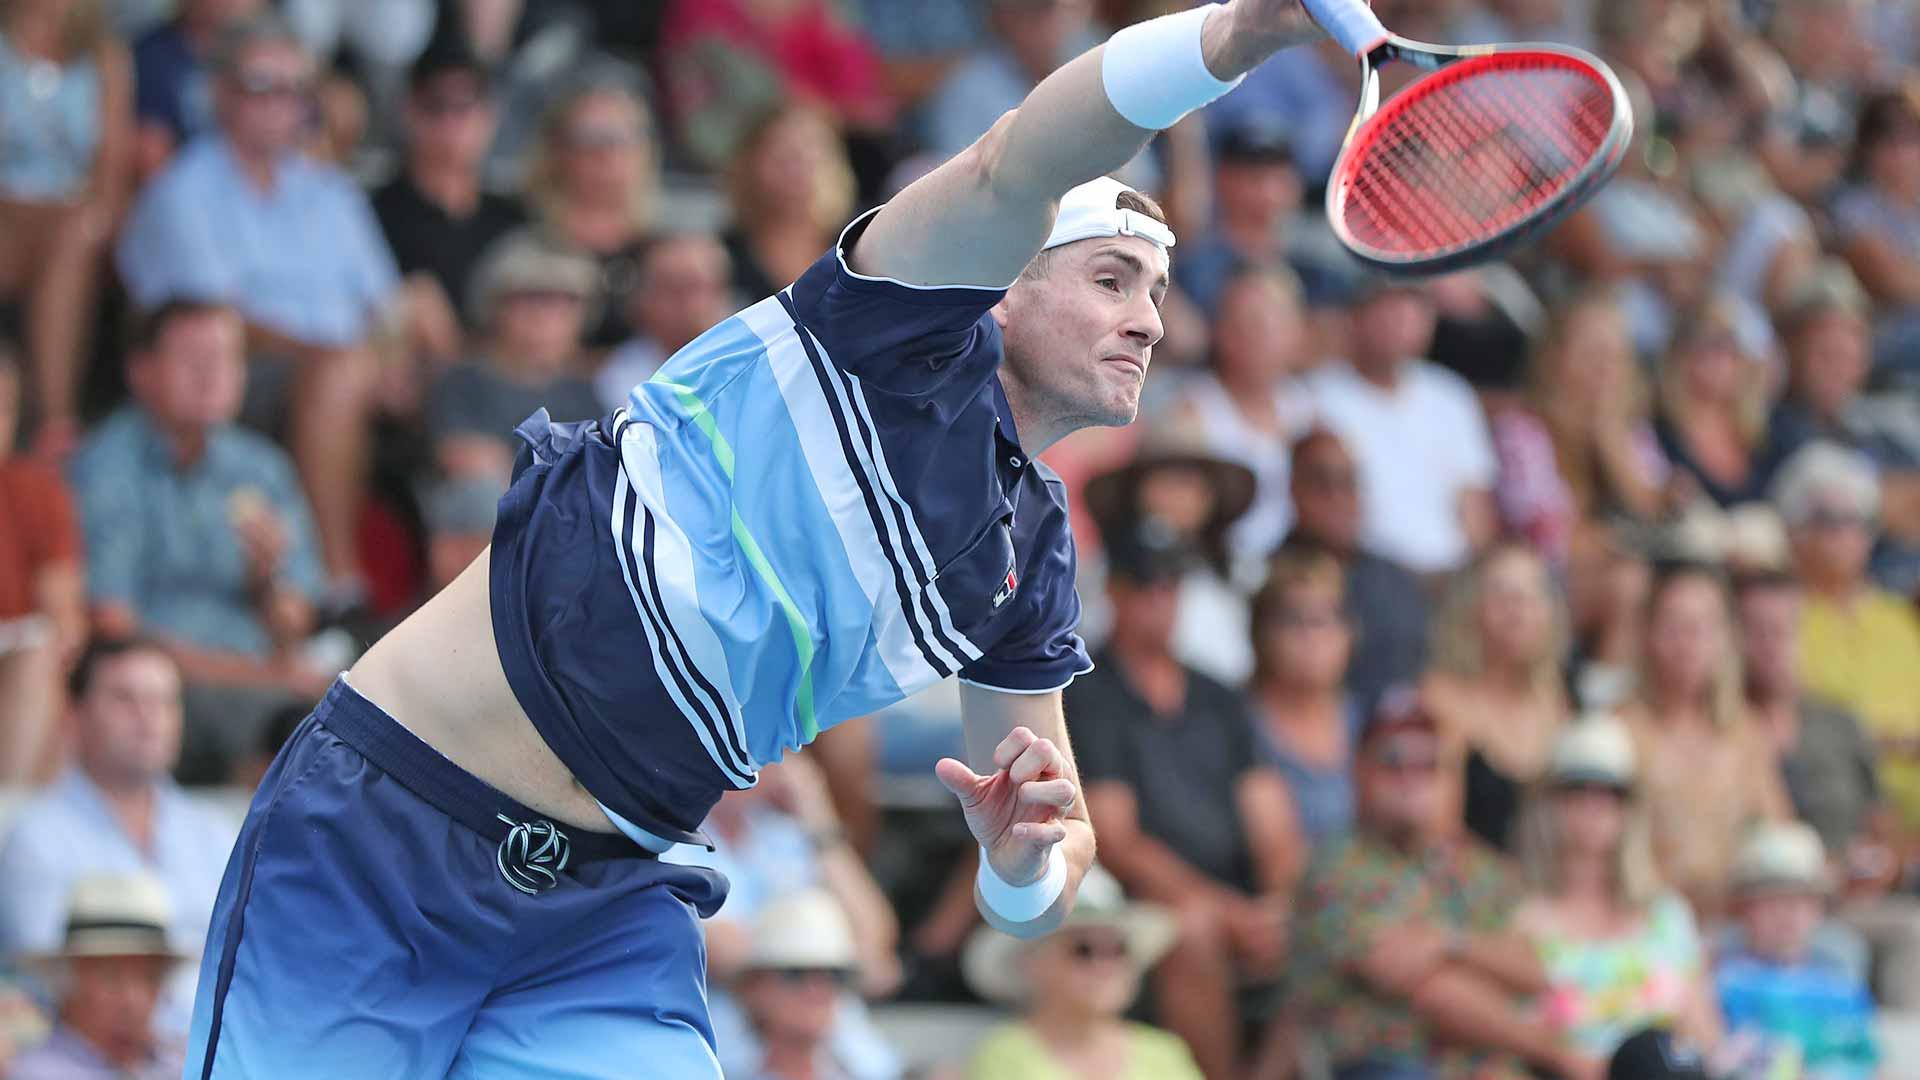 Australian Open John Isner Pledges 25 Of Prize Money And